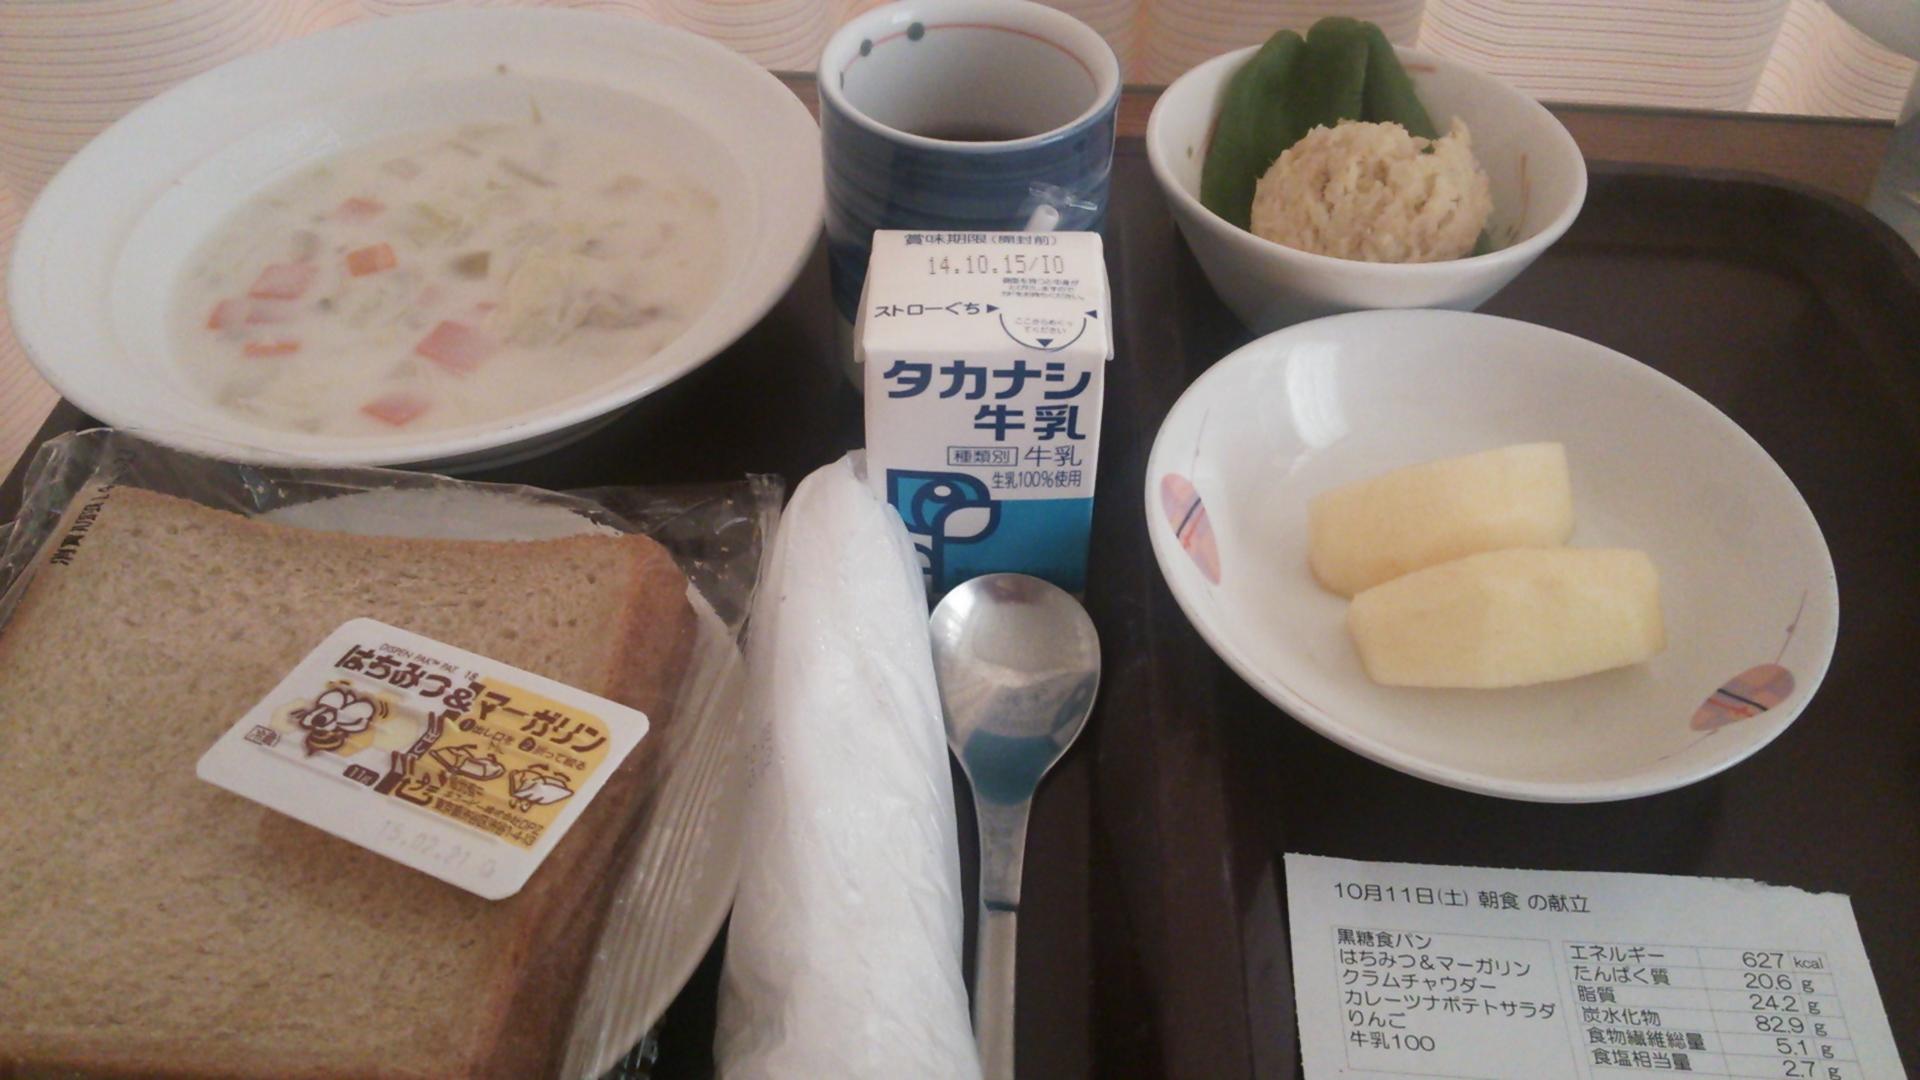 10月11日(土)朝食